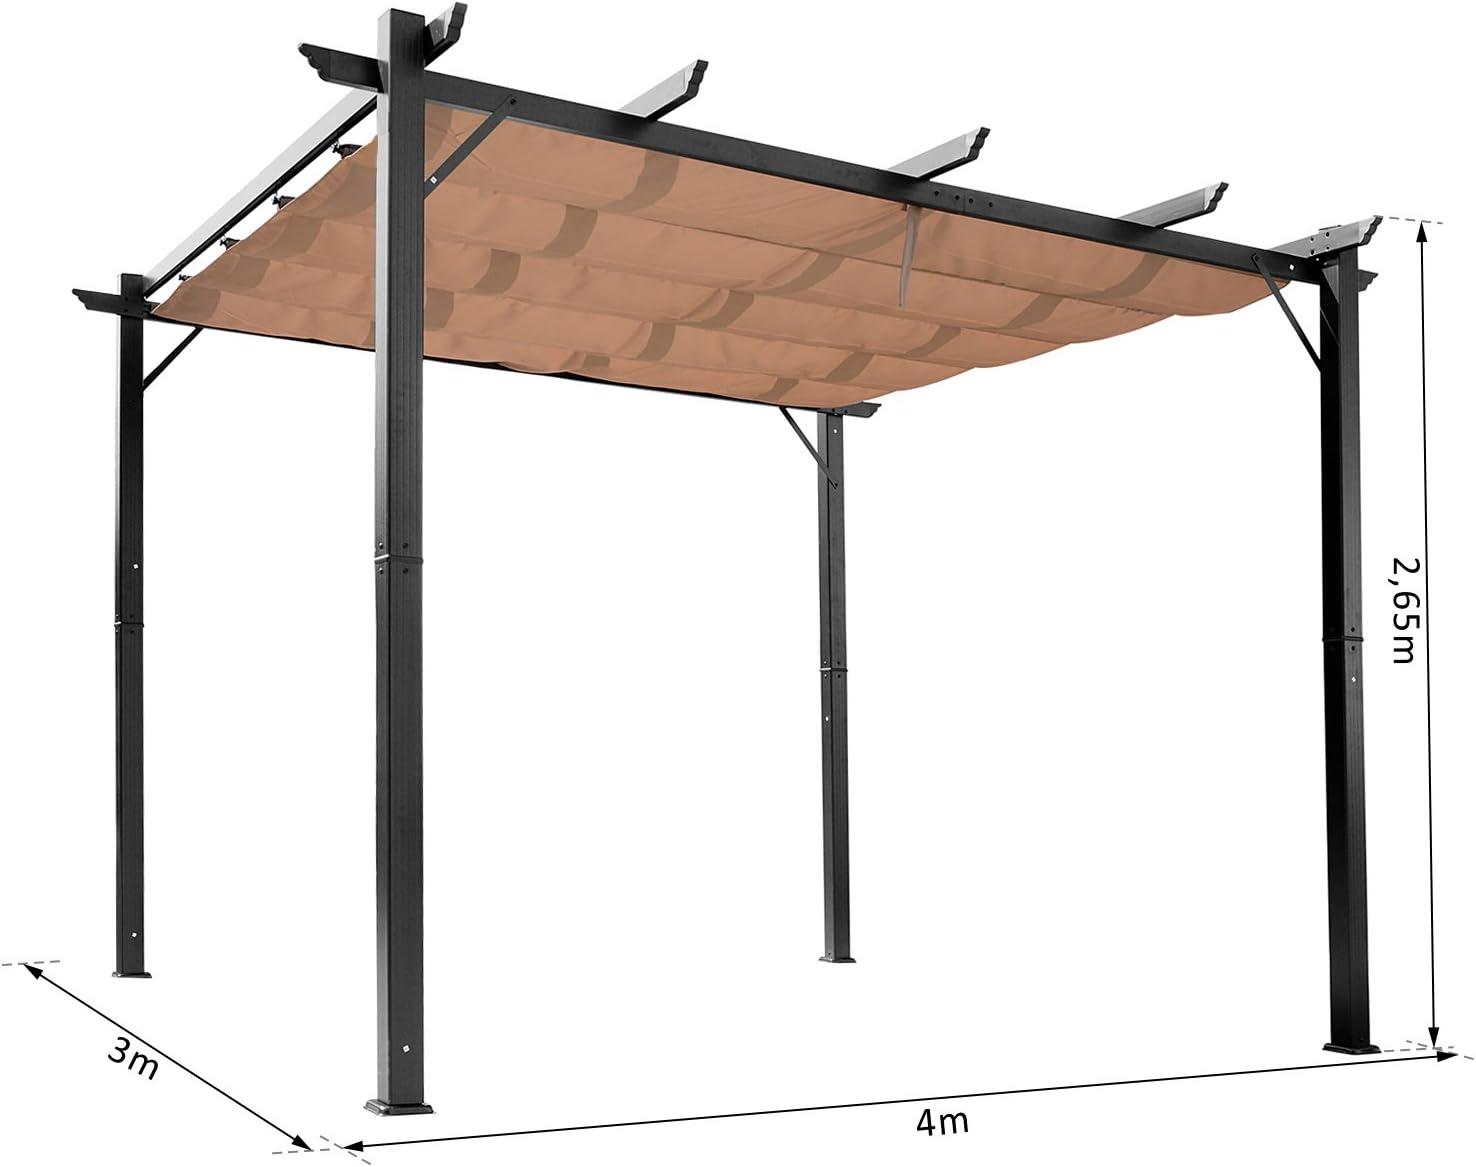 Pergola Aluminio 4L x 3L X 2, 65h M Pergola retráctil estructura ...